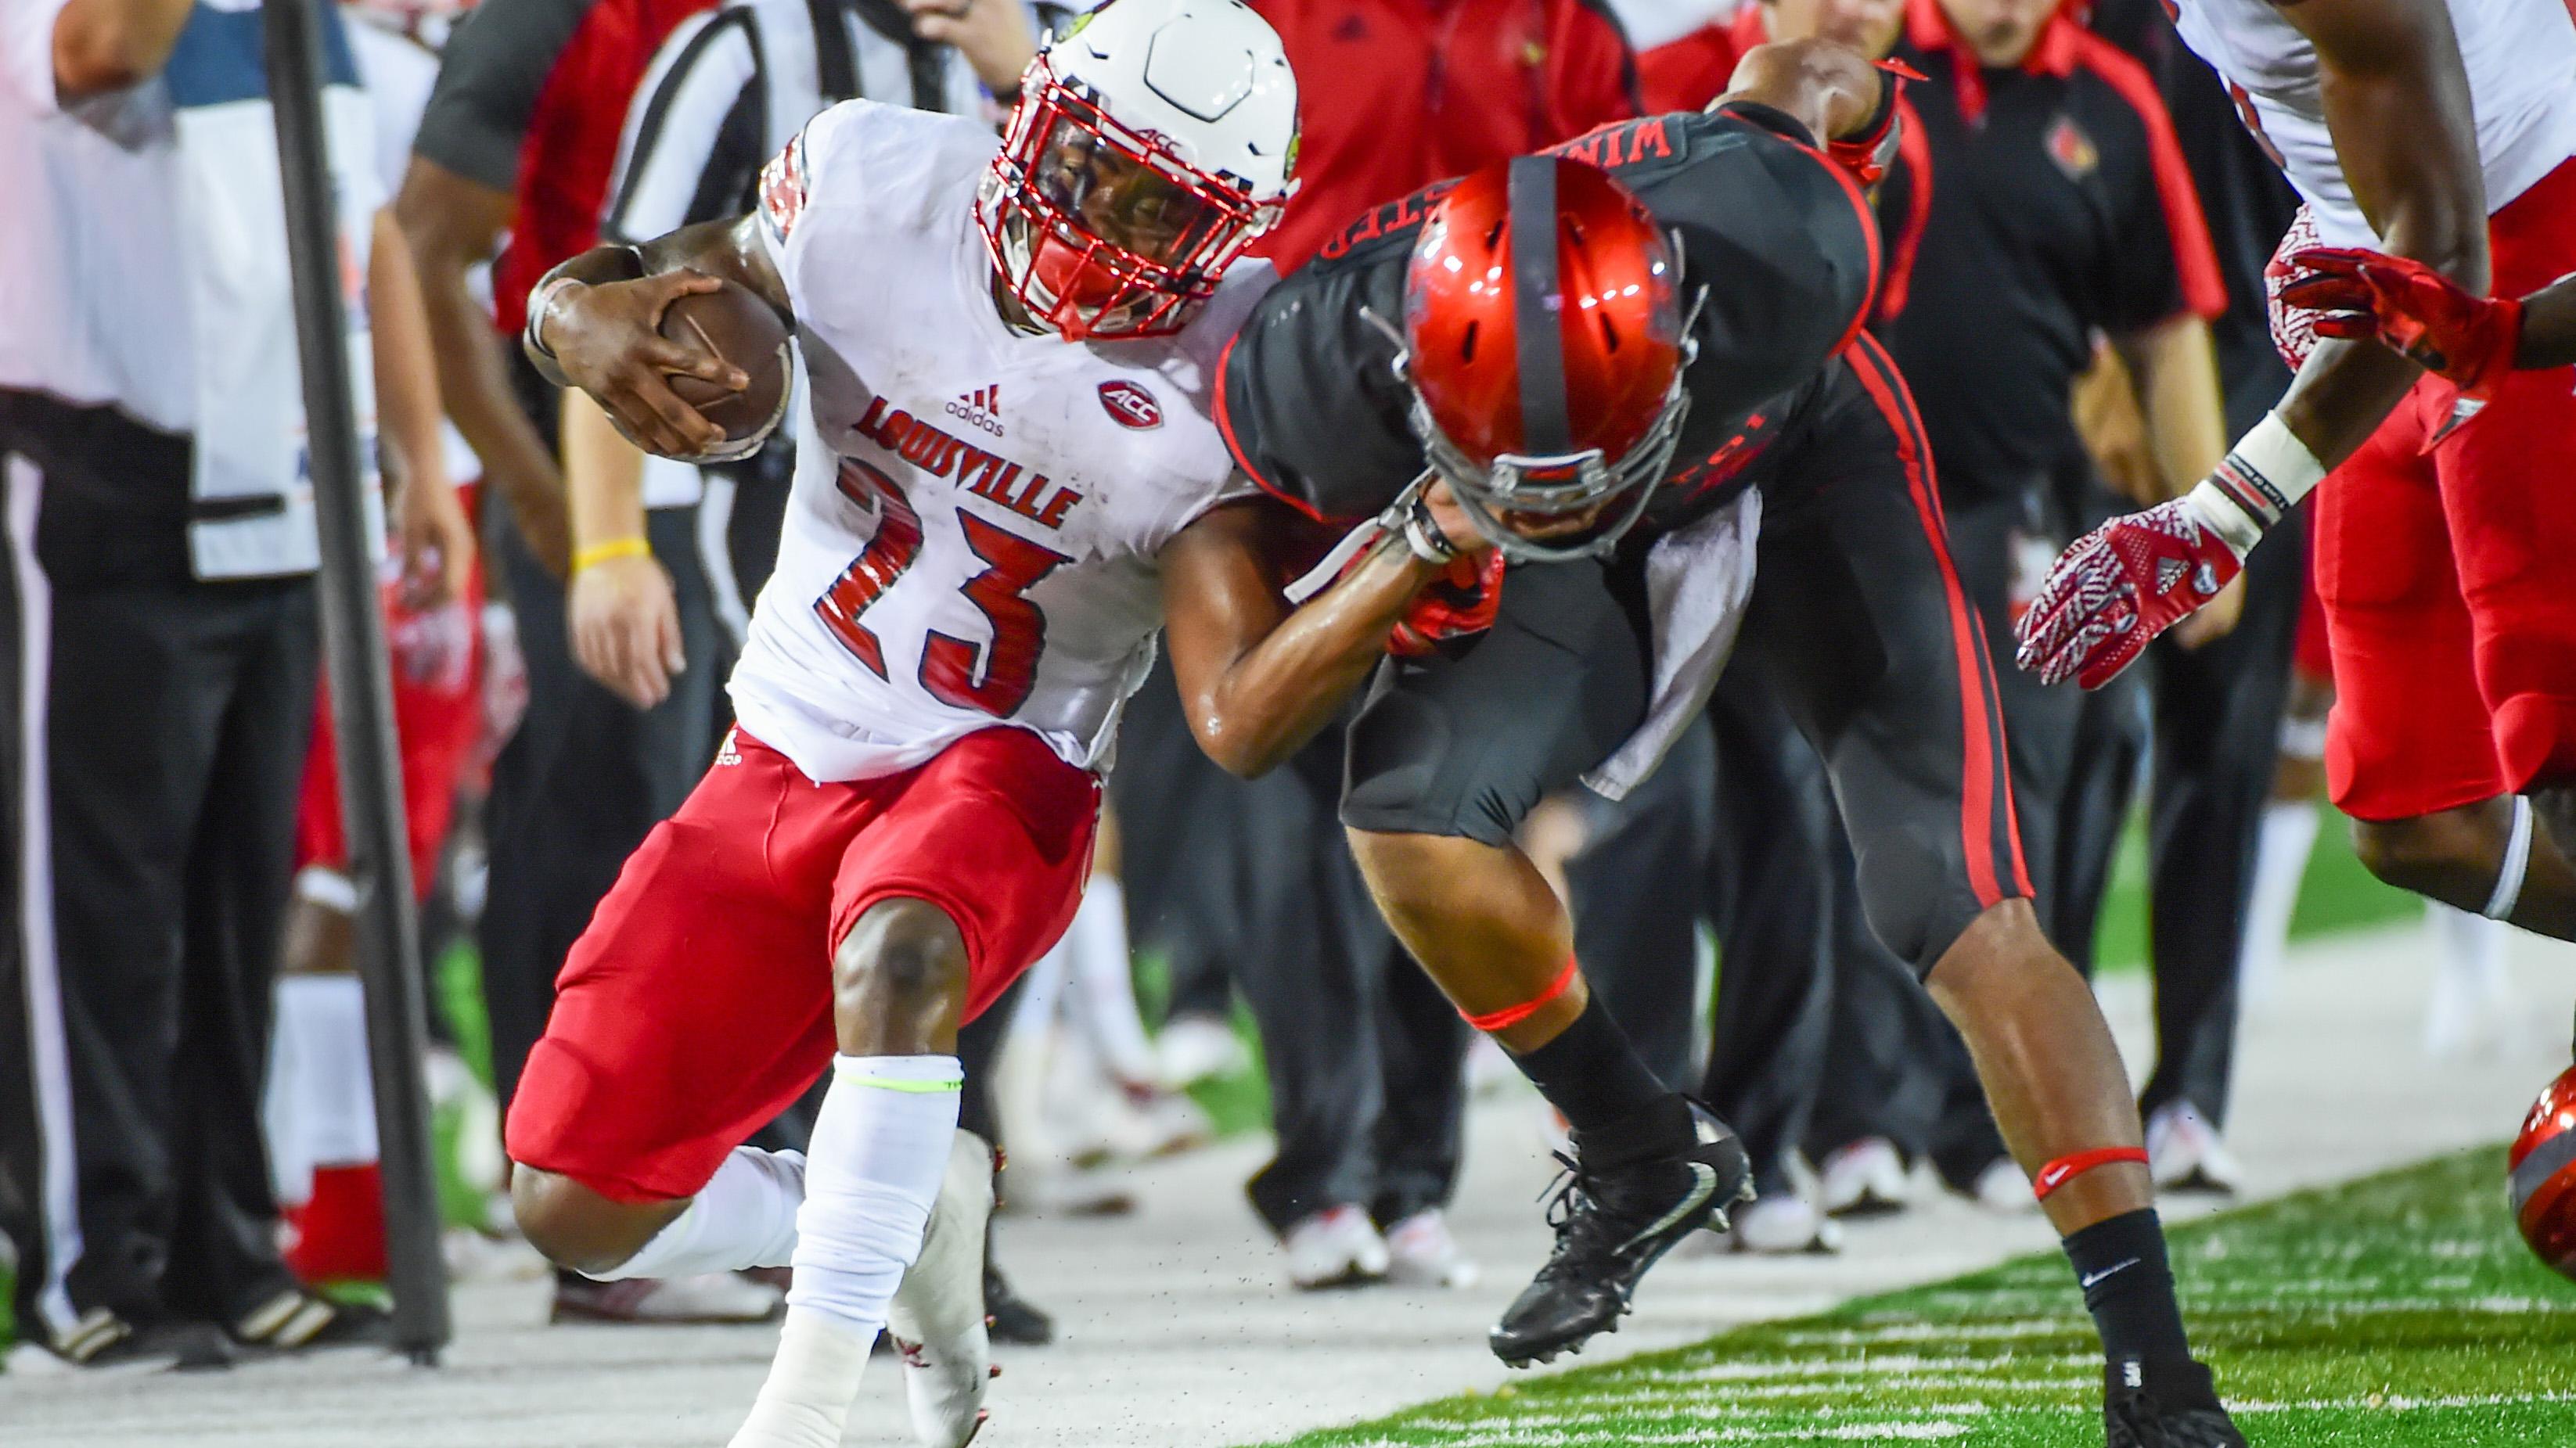 NCAA FOOTBALL: NOV 17 Louisville at Houston